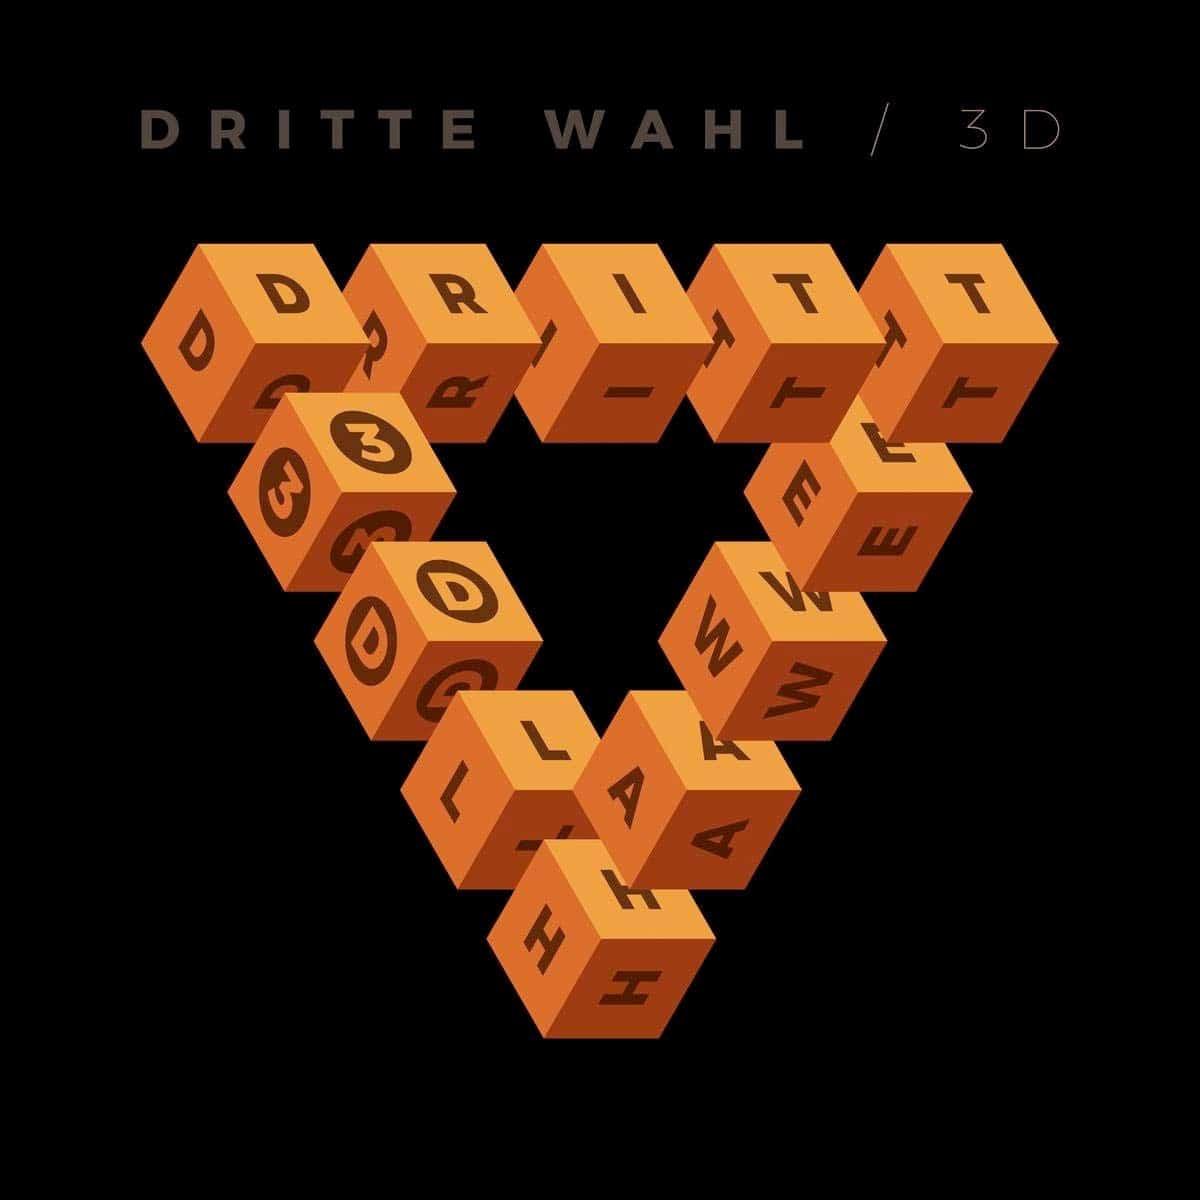 deutsche-albumcharts:-mit-dritte-wahl,-napalm-death,-finntroll